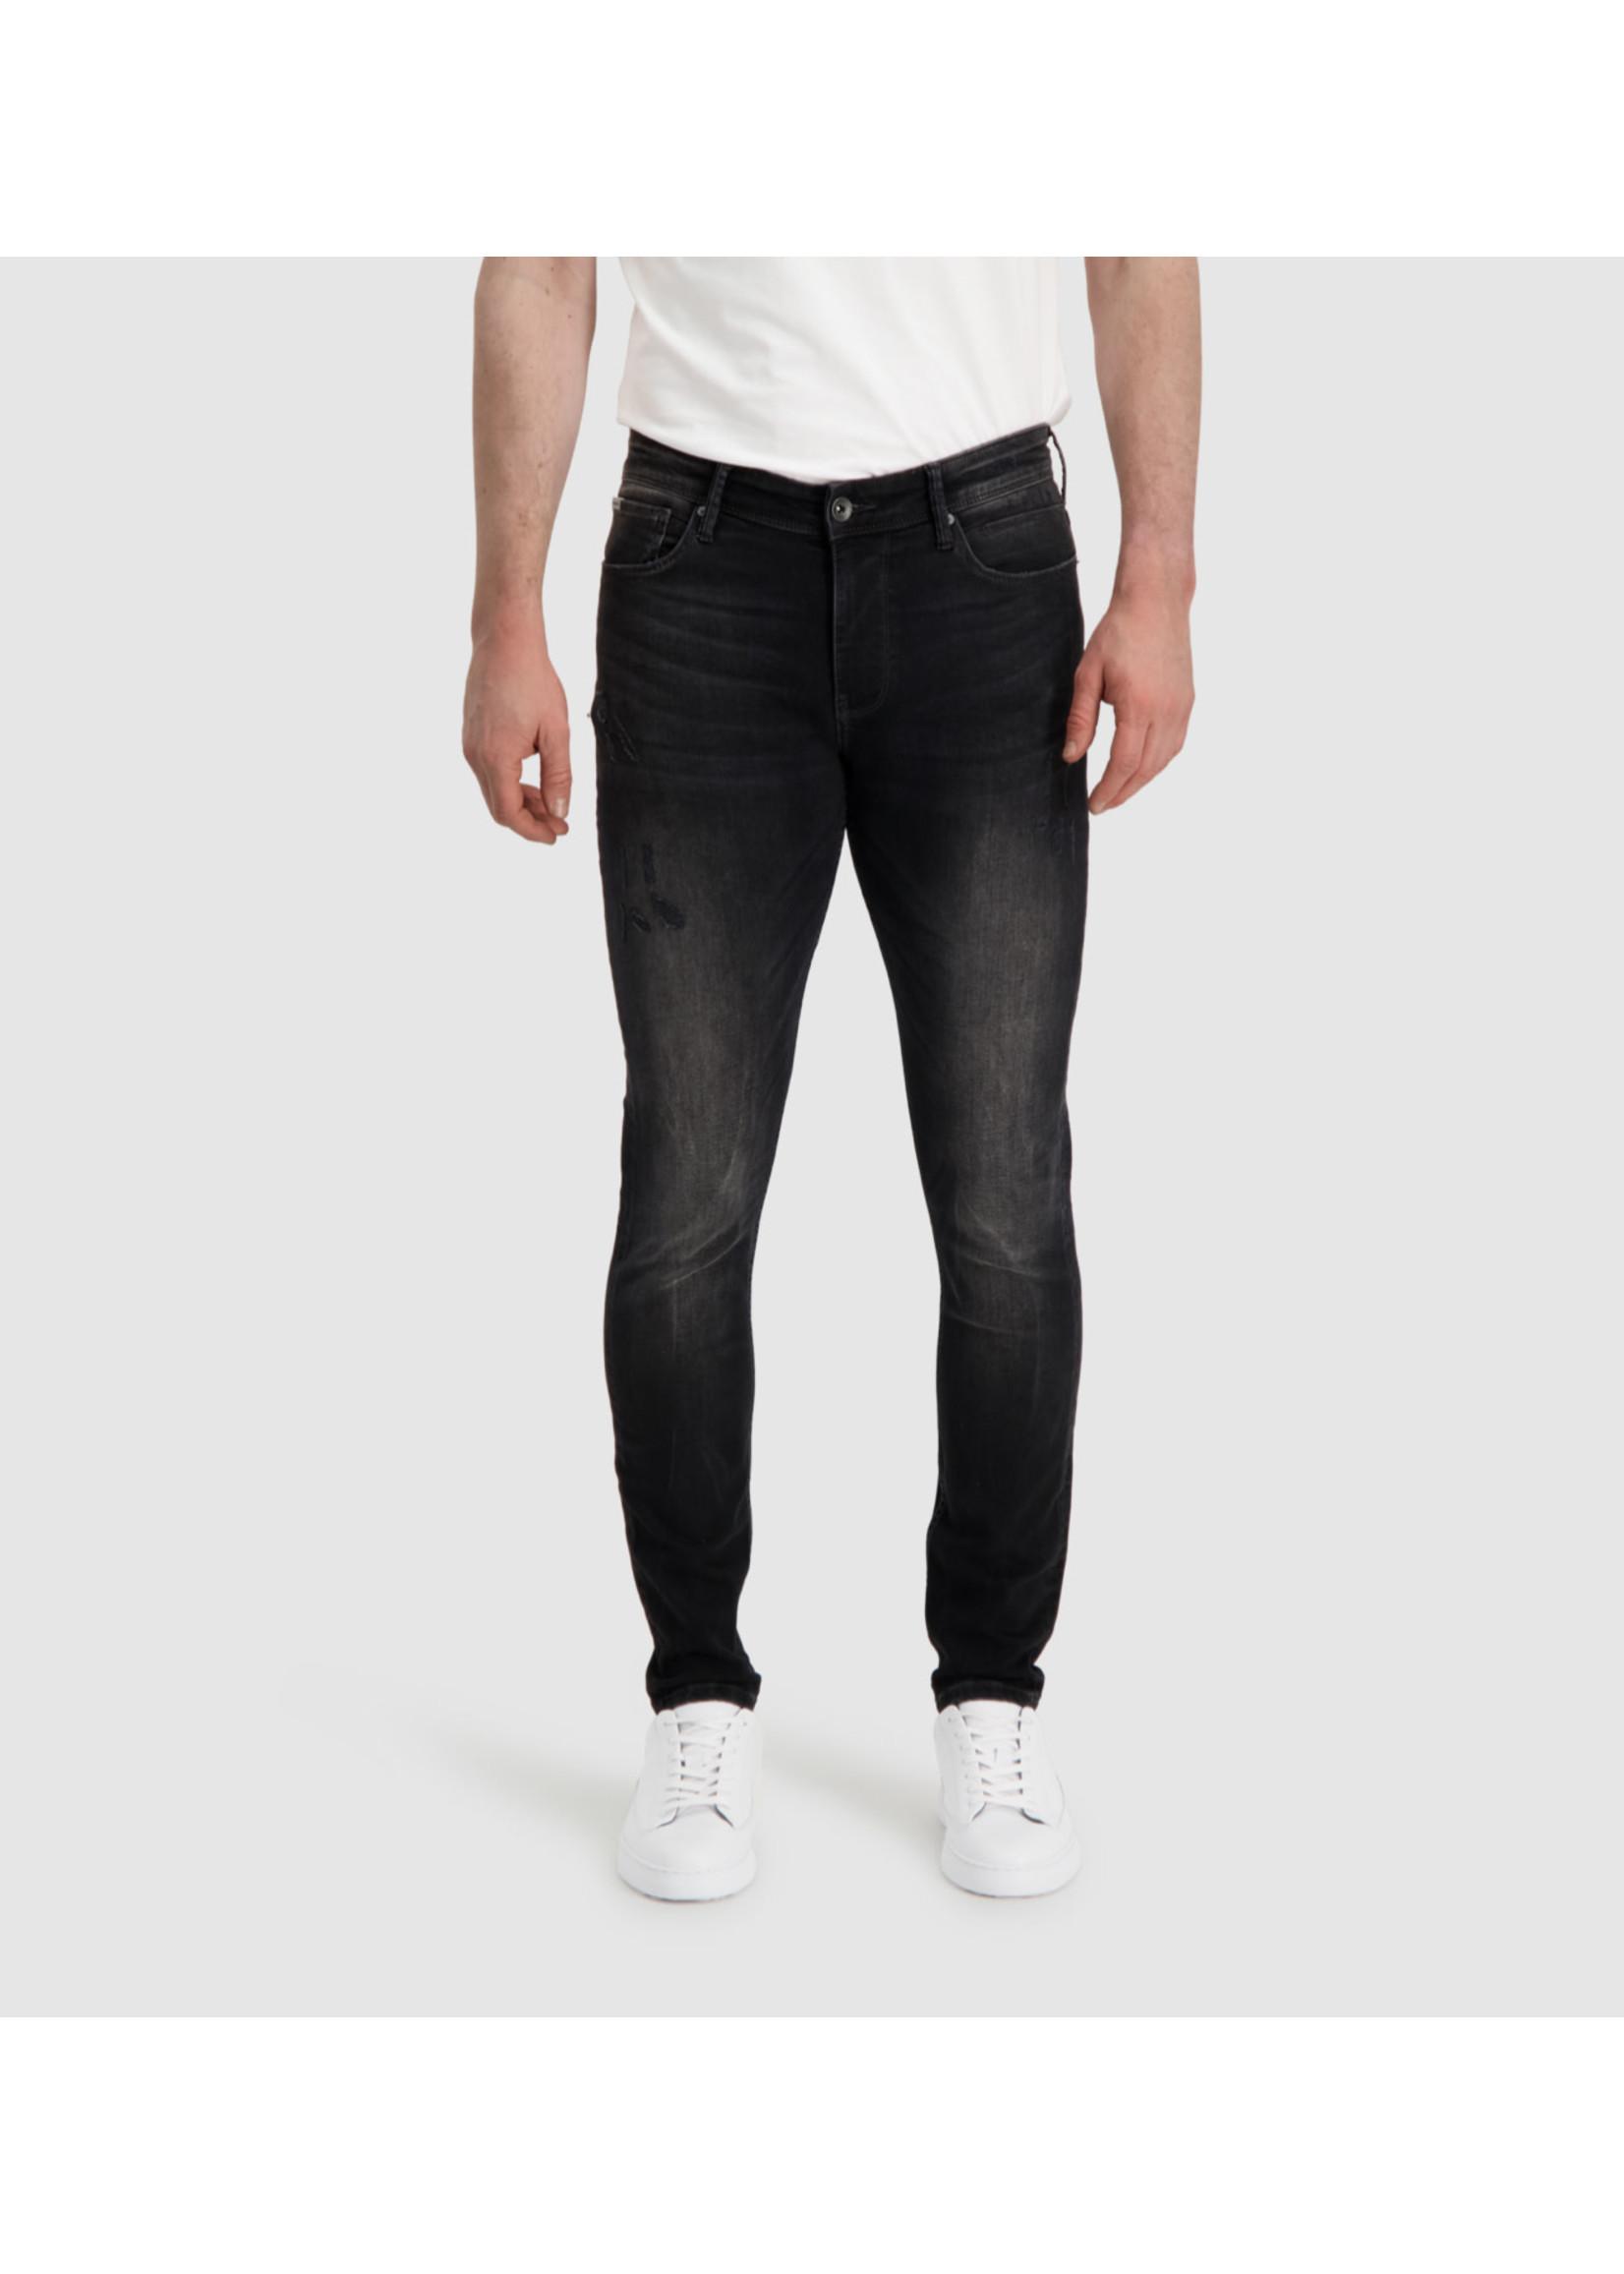 Purewhite Purewhite Jeans The Jone 170 - Black